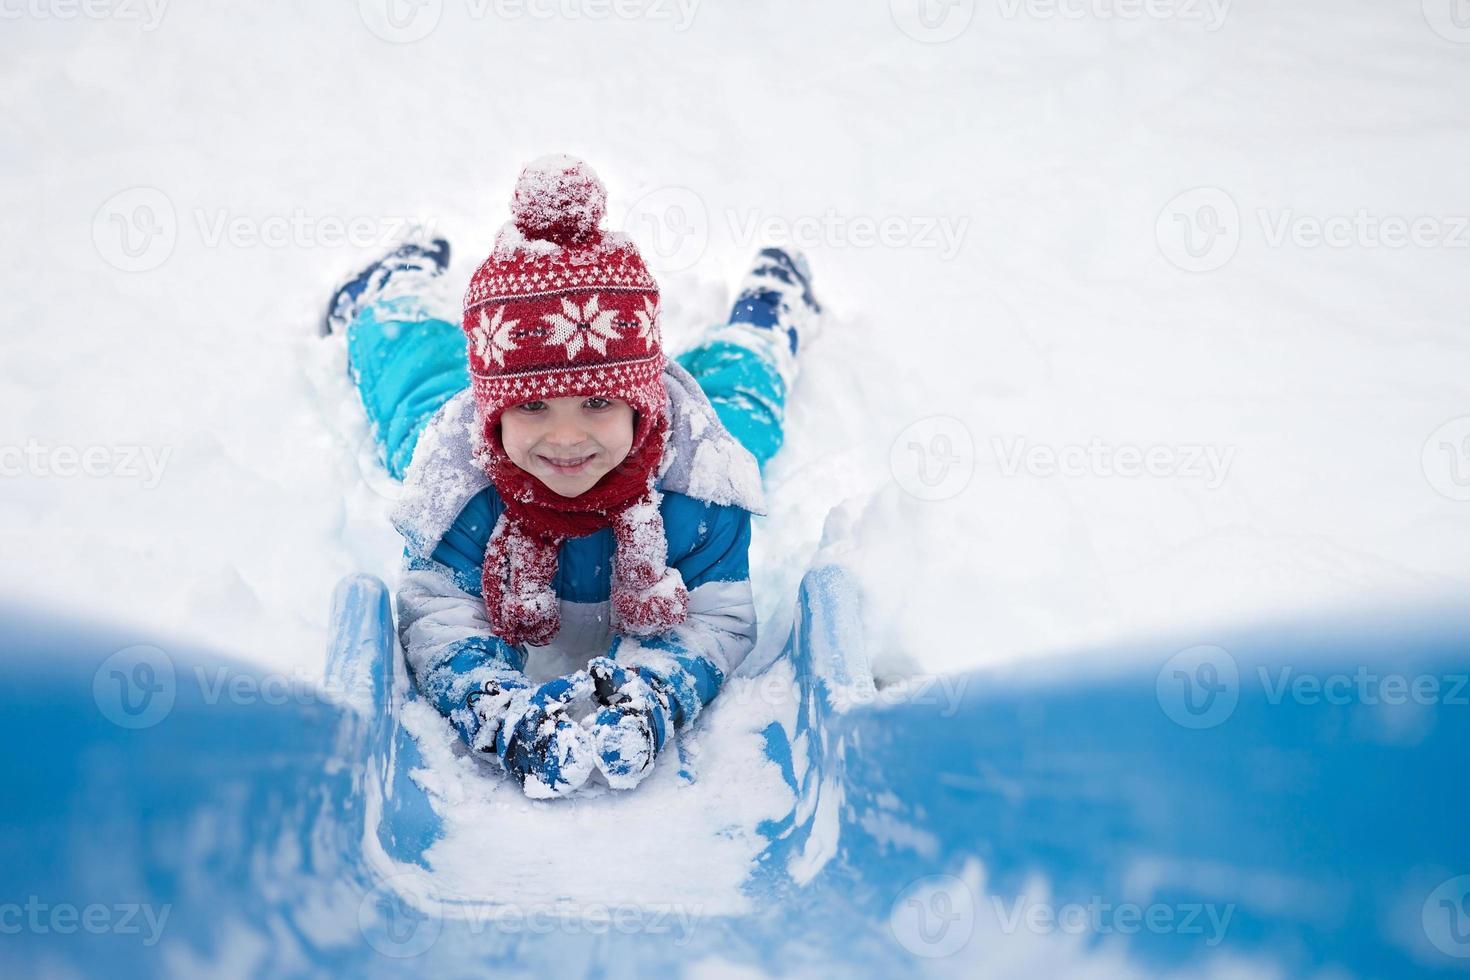 menino bonitinho, descendo um escorregador nevado foto